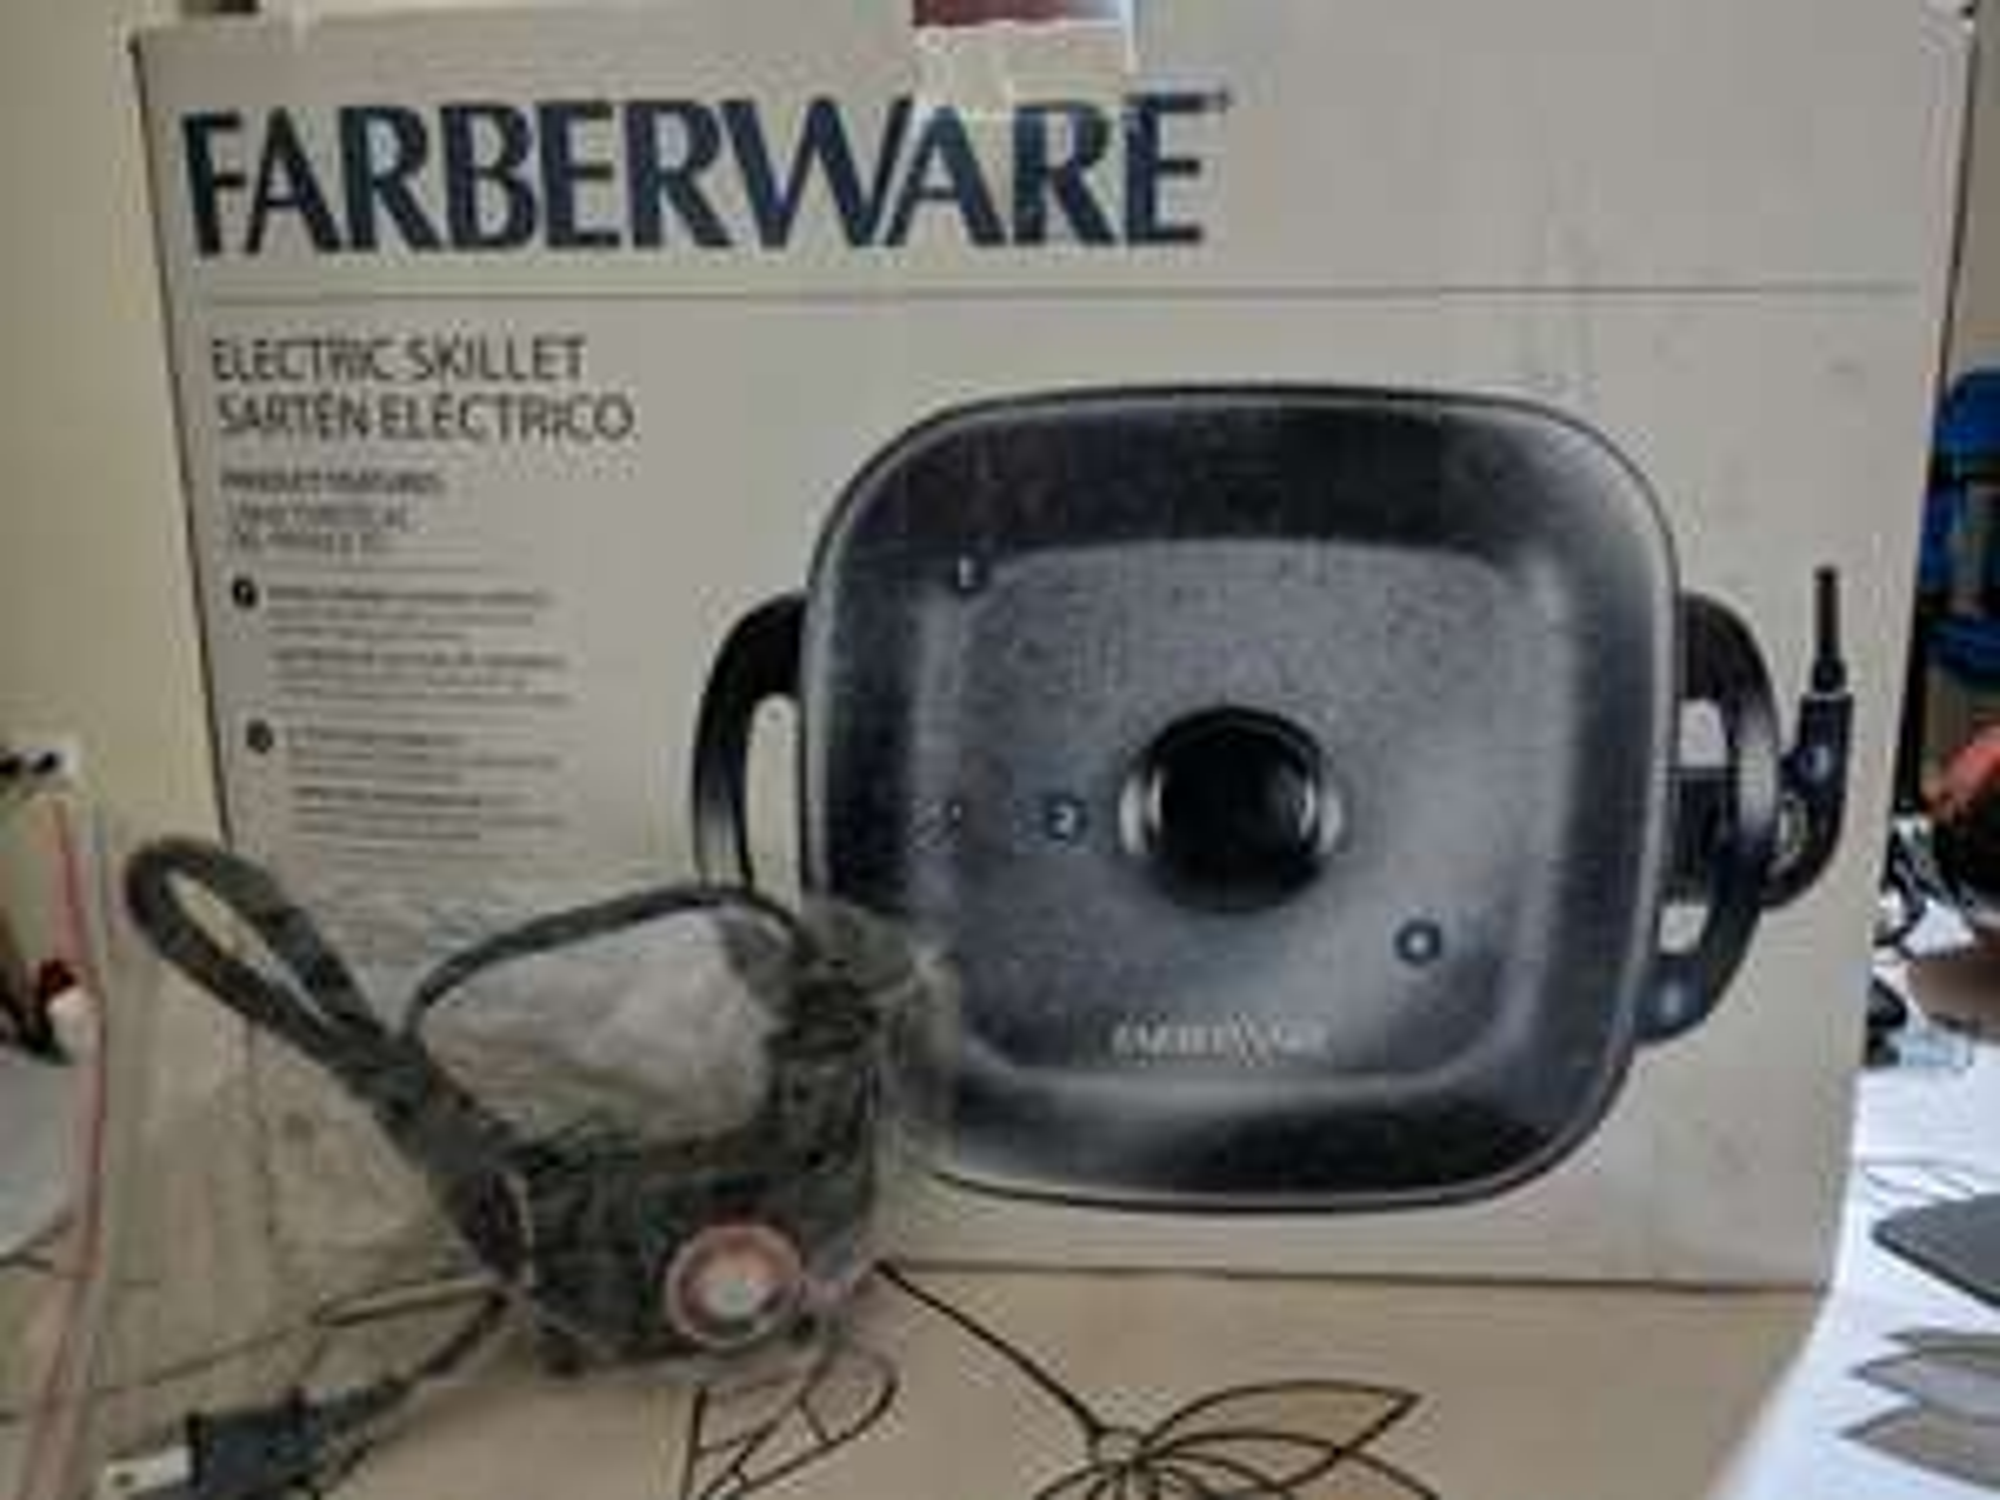 Walmart: sartén eléctrico, extractor de jugos, playeras y más.